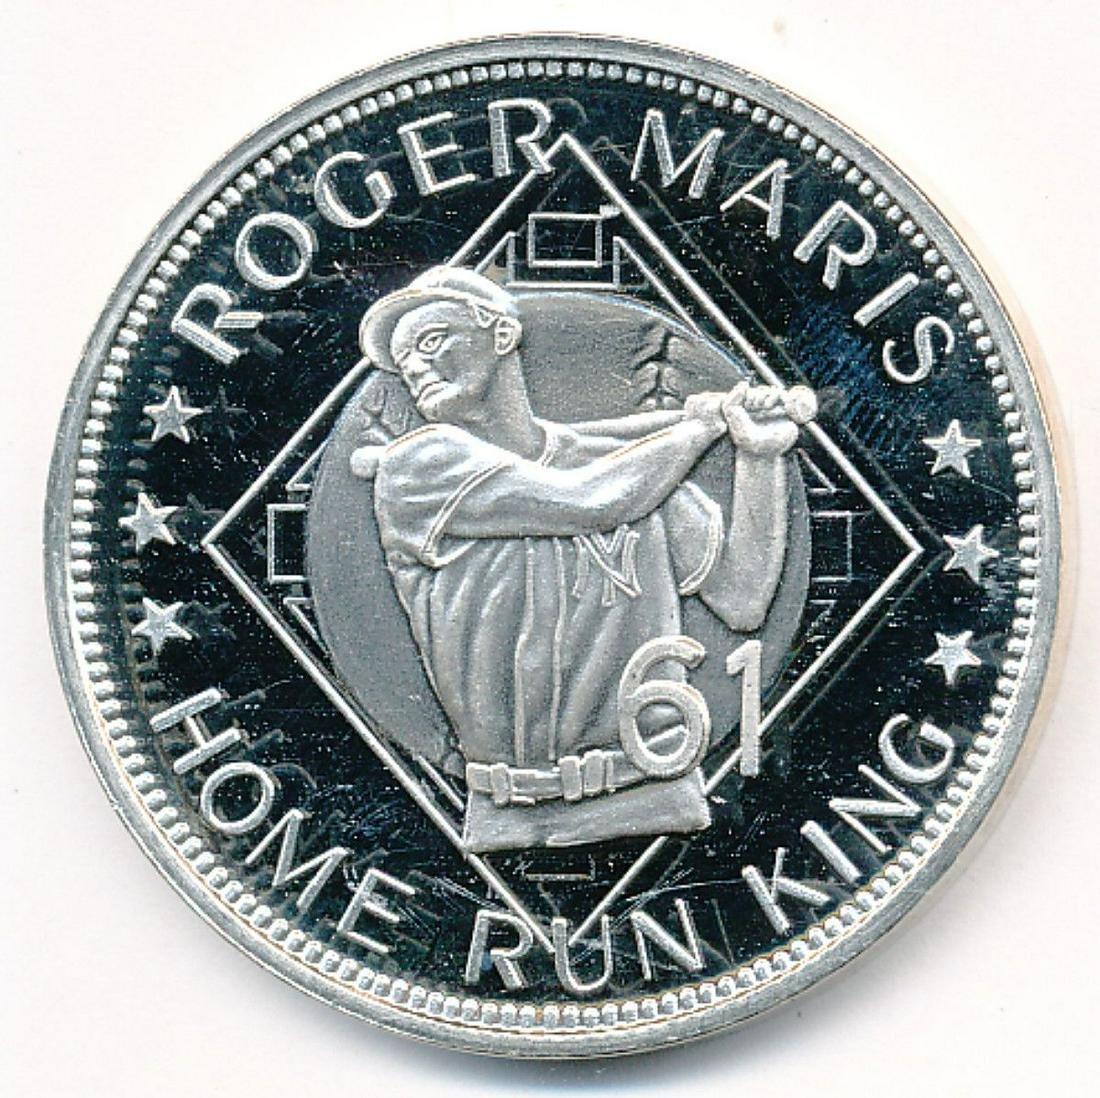 RARE 1 OZ SILVER ROGER MARIS HOME RUN KING